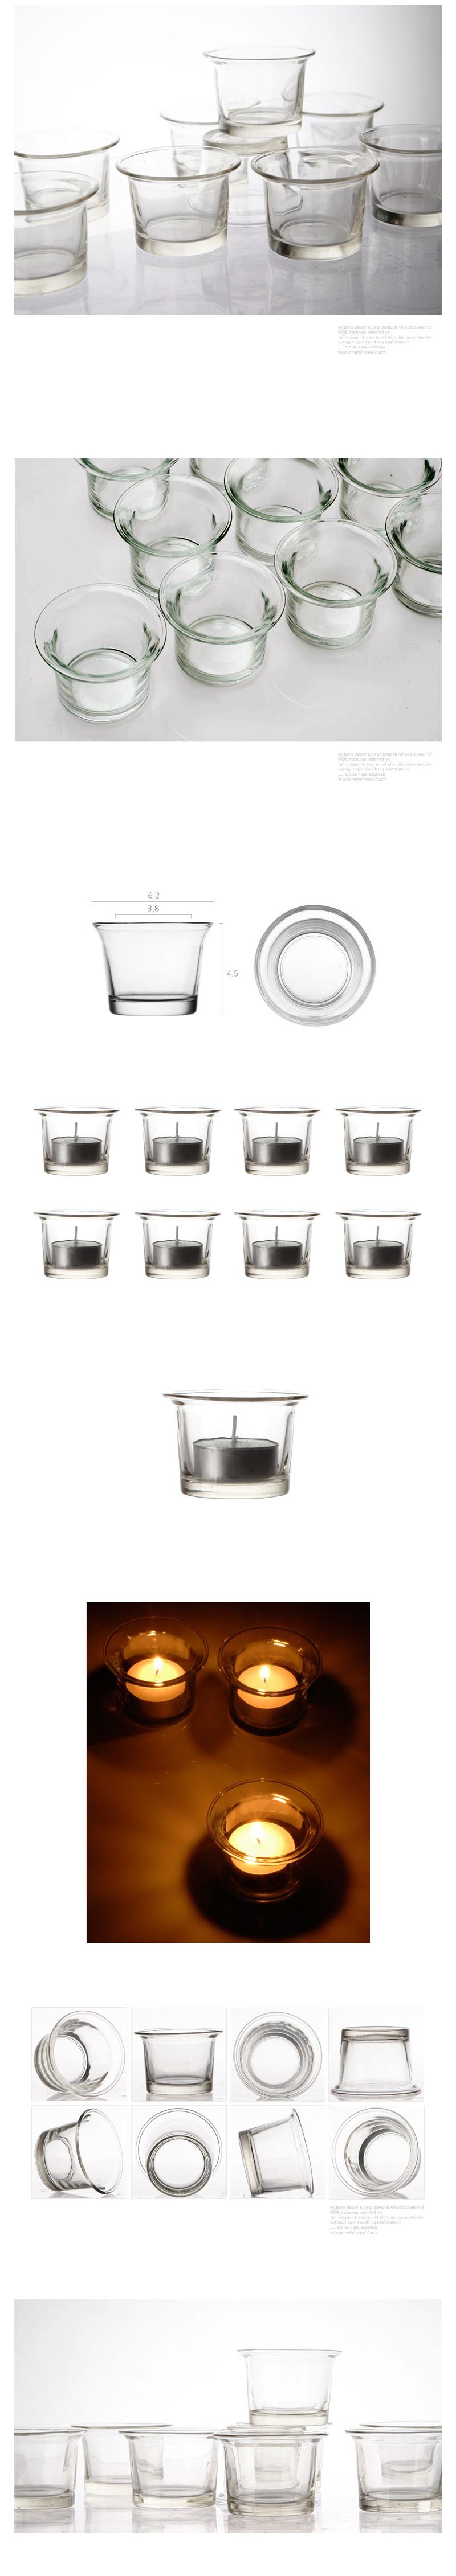 투명 유리컵 홀더 - 리버그린, 1,000원, 캔들, 캔들홀더/소품